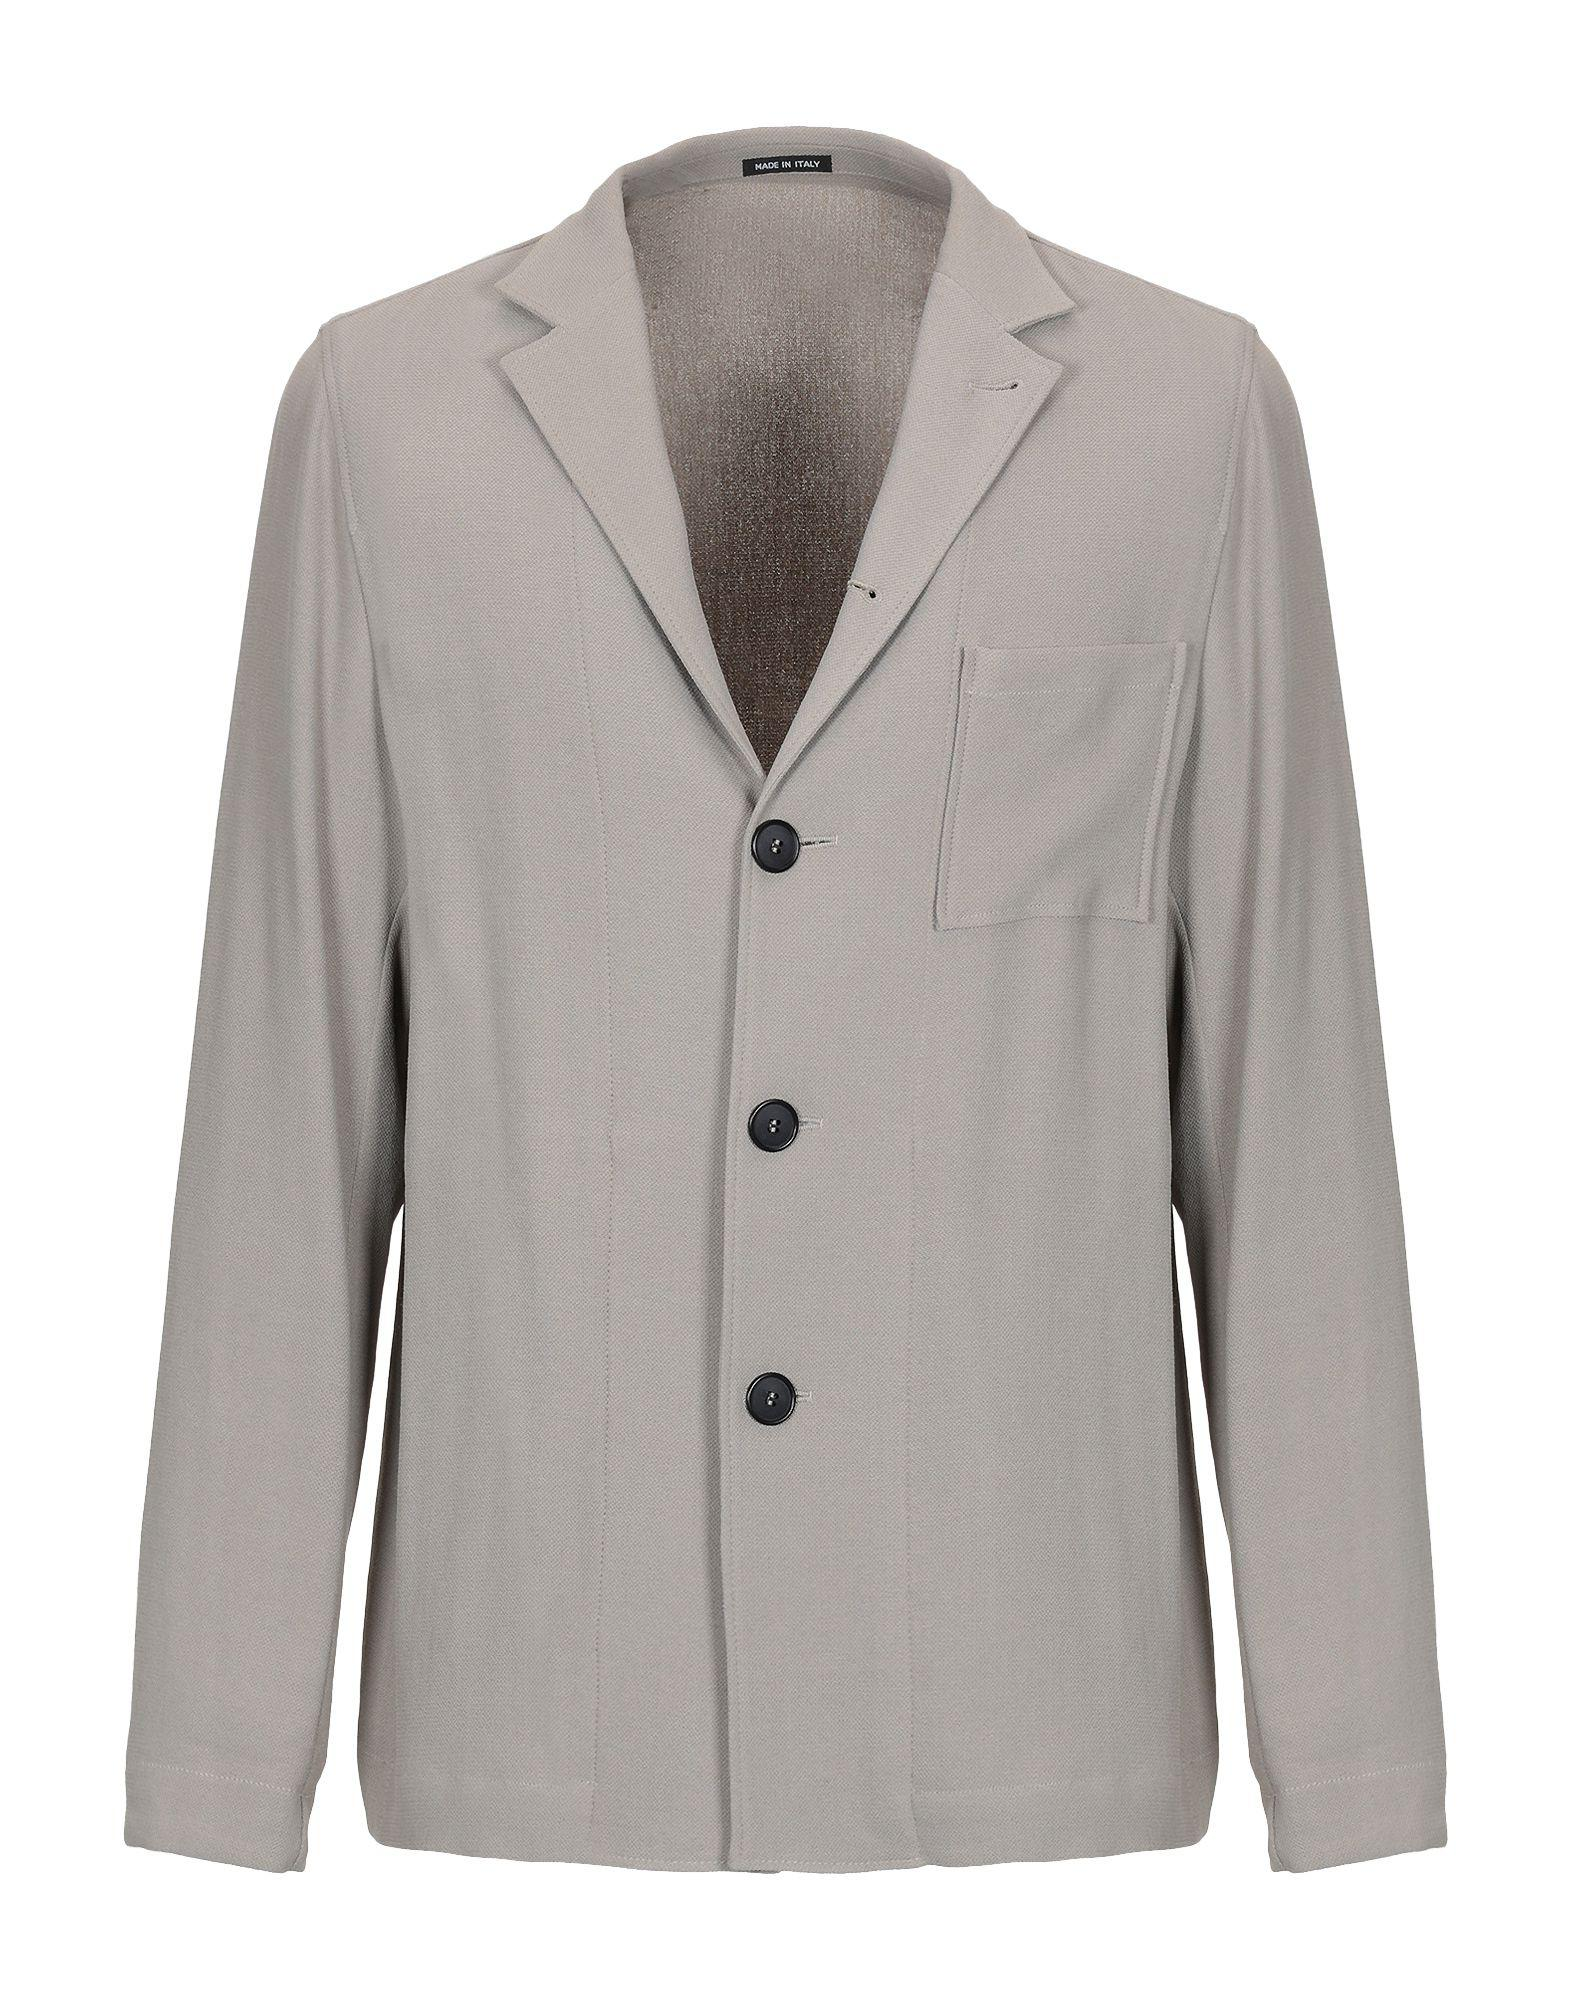 f643adc5bb753 Lyst - Giorgio Armani Blazer in Gray for Men